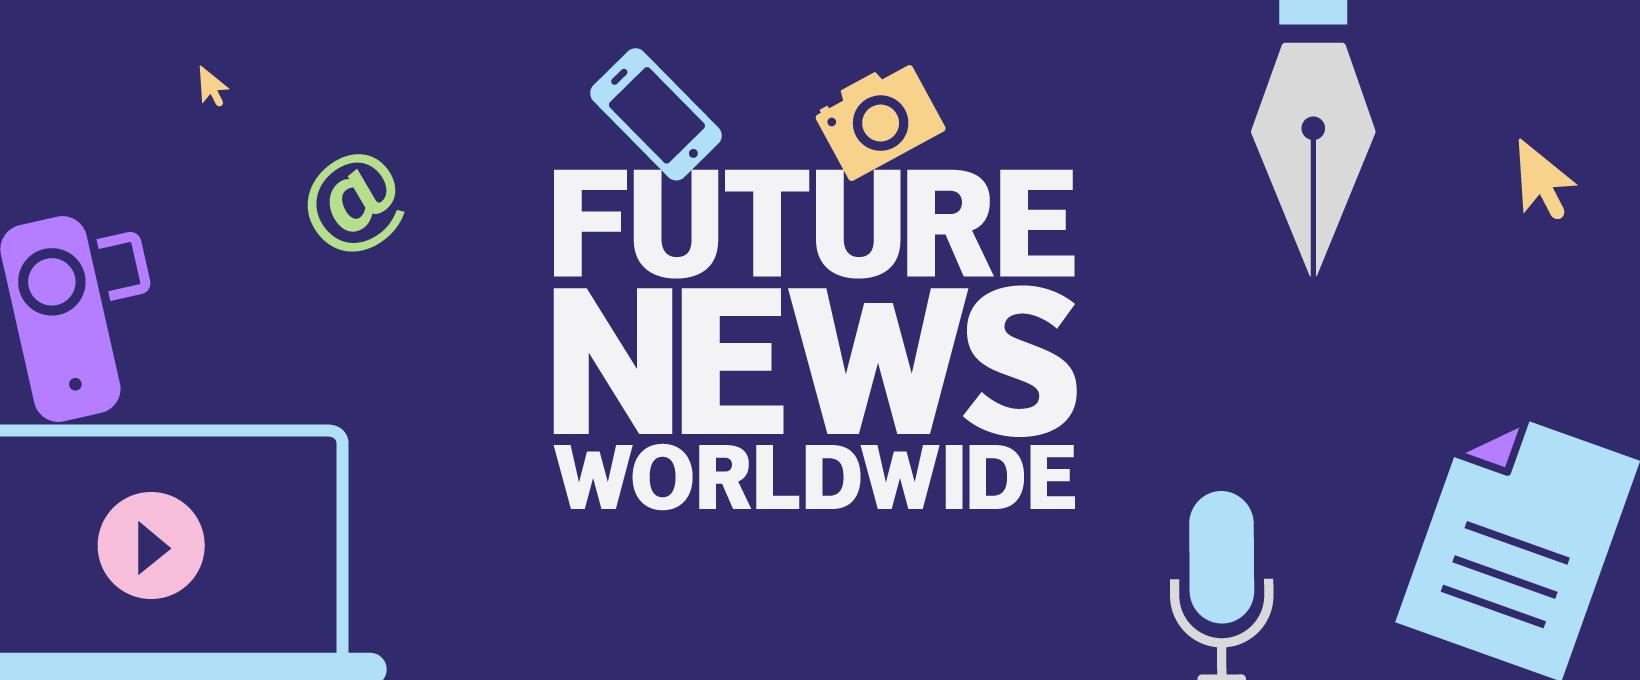 Türkiye'nin gelecek nesil gazetecileri için Londra'da eşsiz bir fırsat